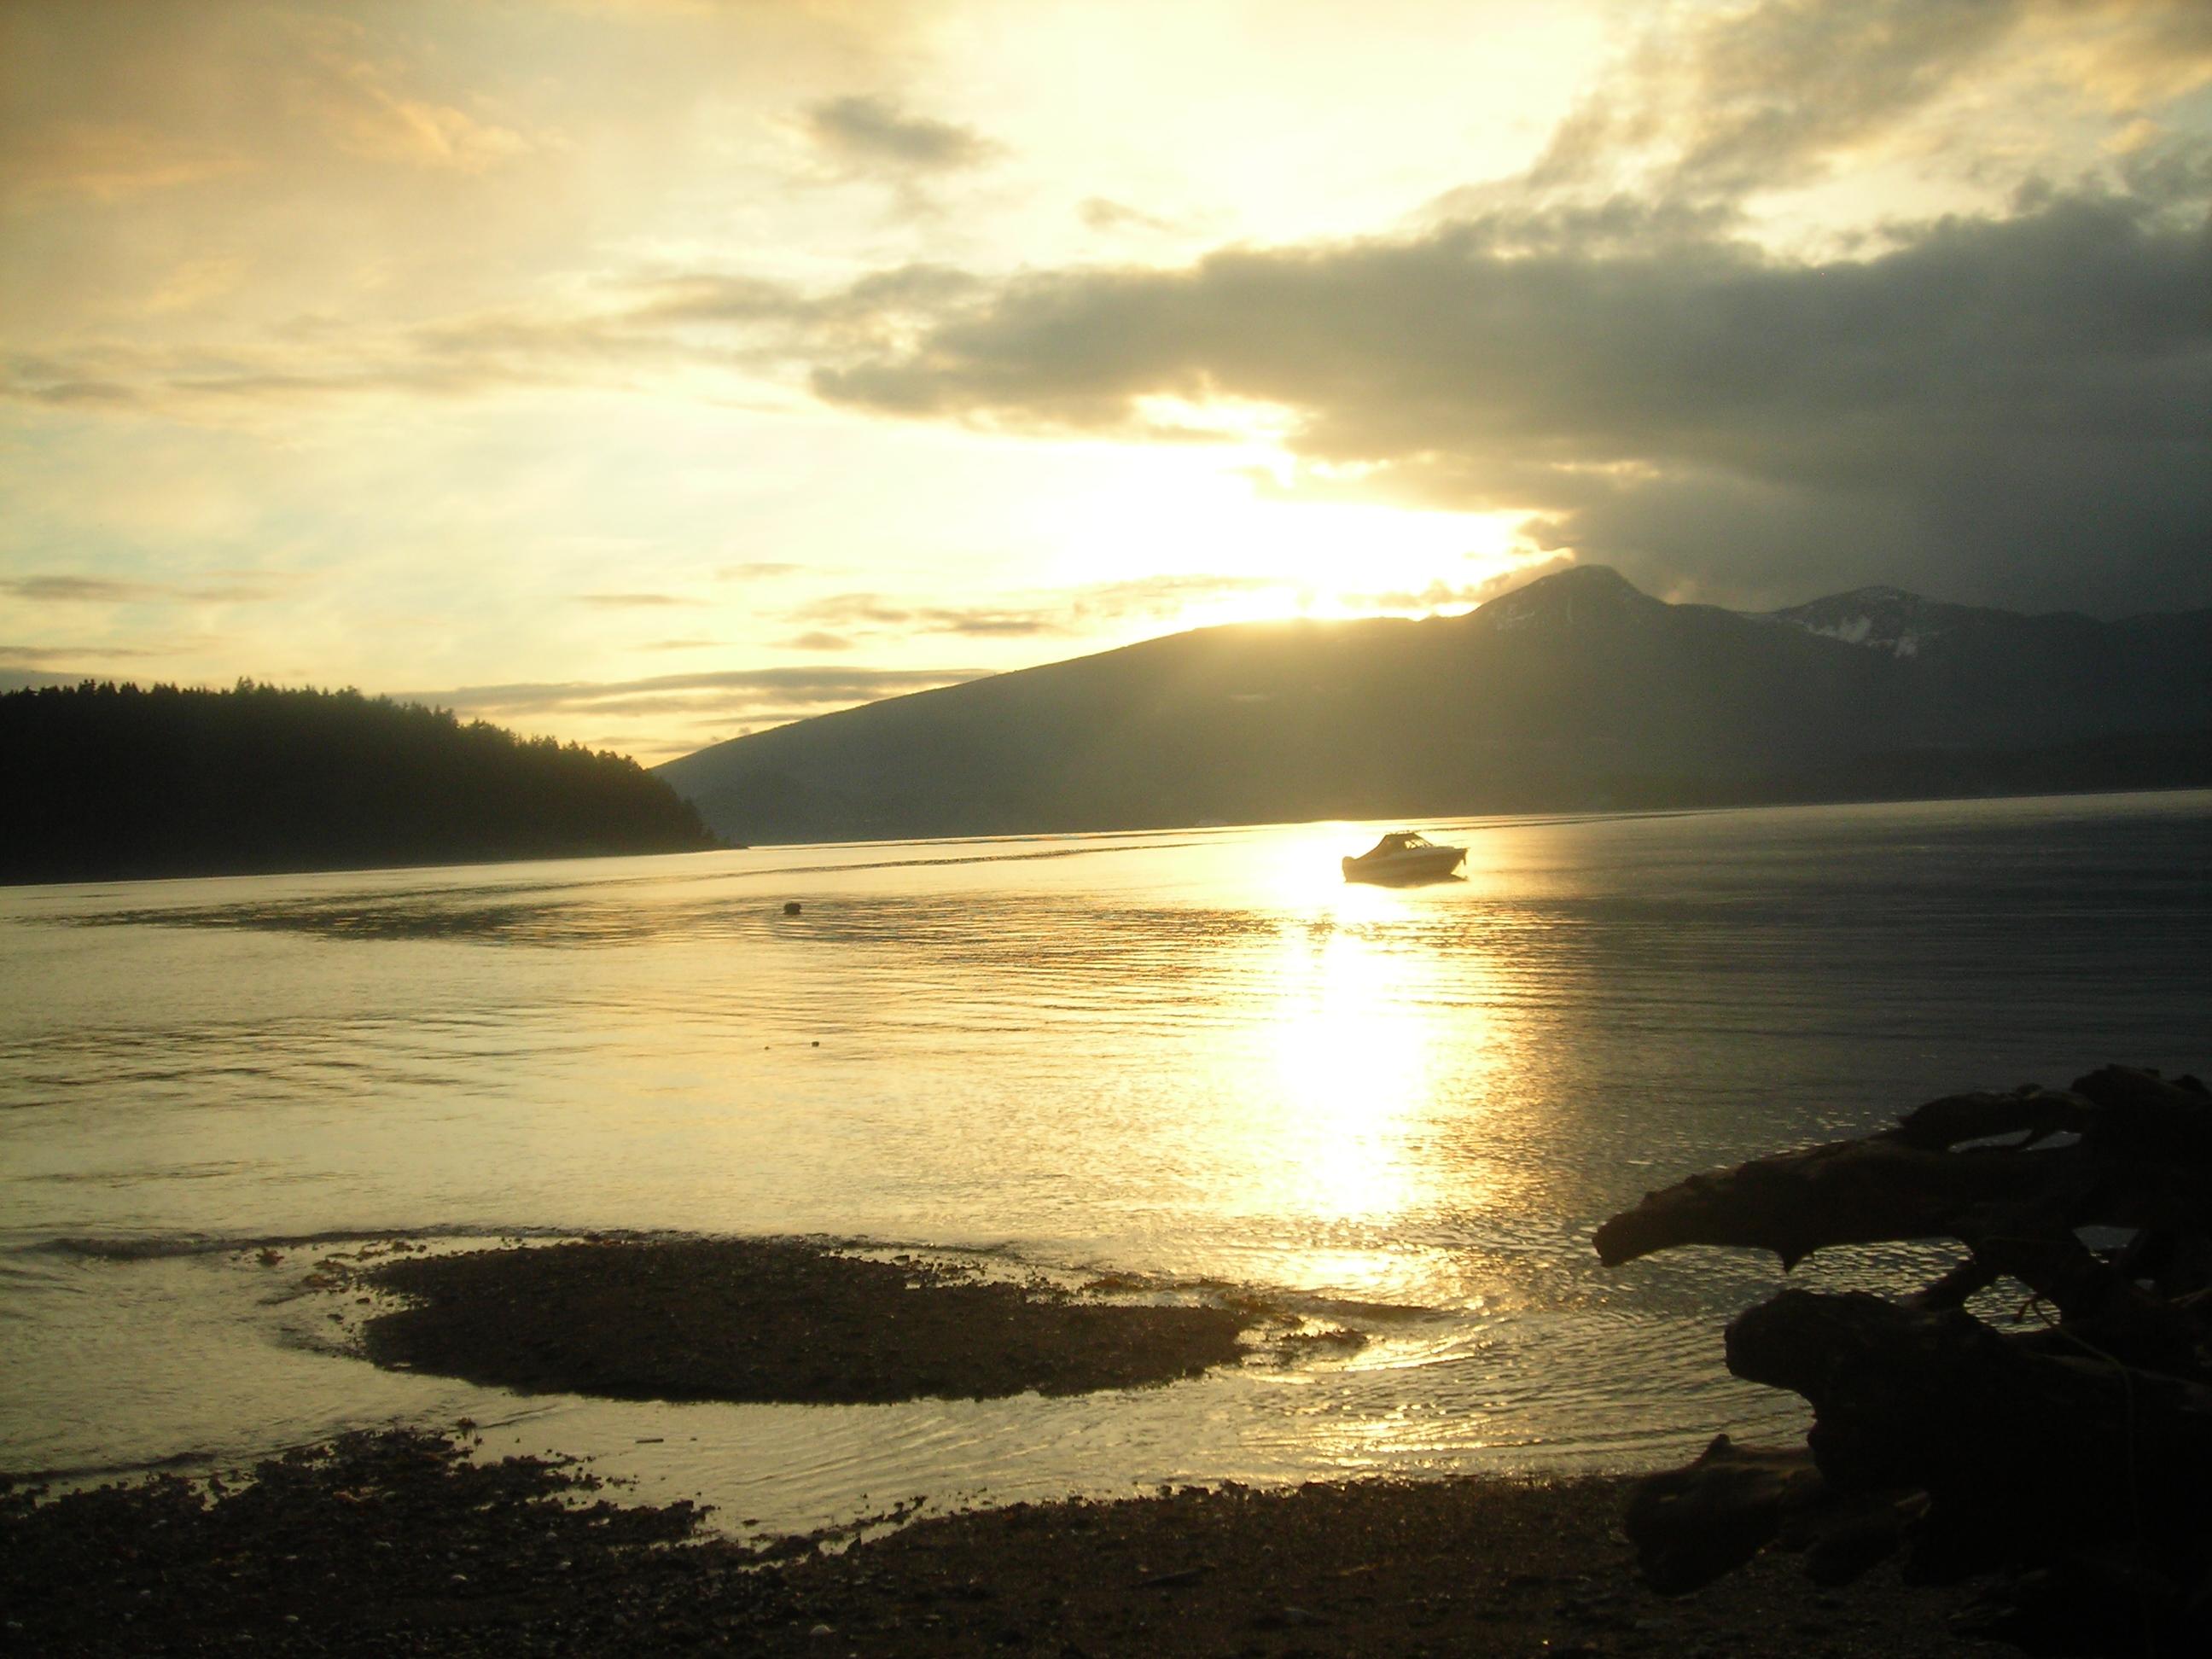 Christian incontri siti Vancouver BC